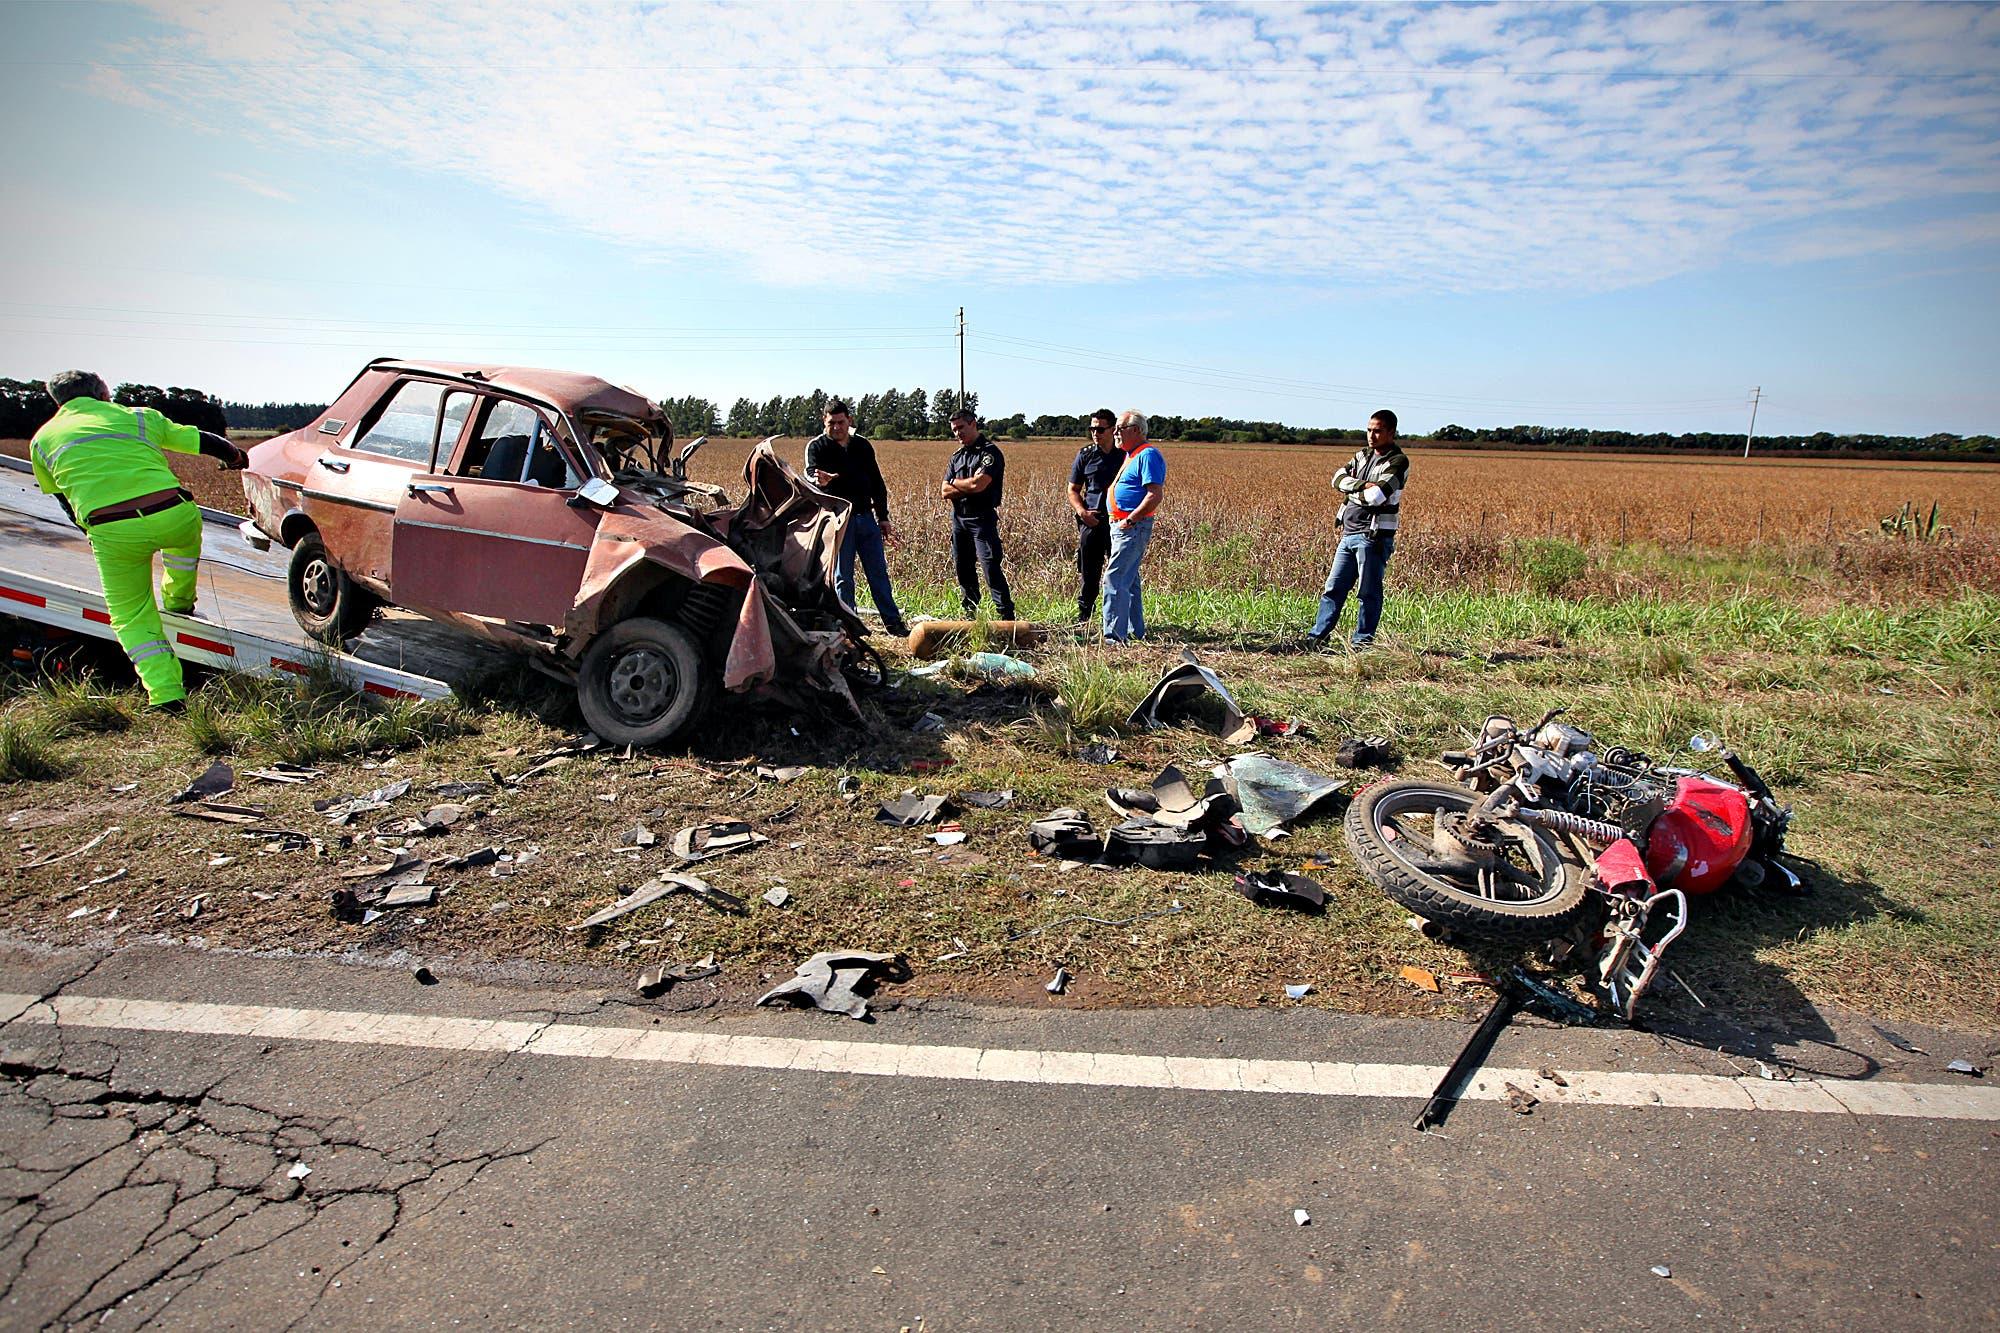 Tránsito porteño: cuatro de cada diez víctimas fatales en siniestros viales son motociclistas